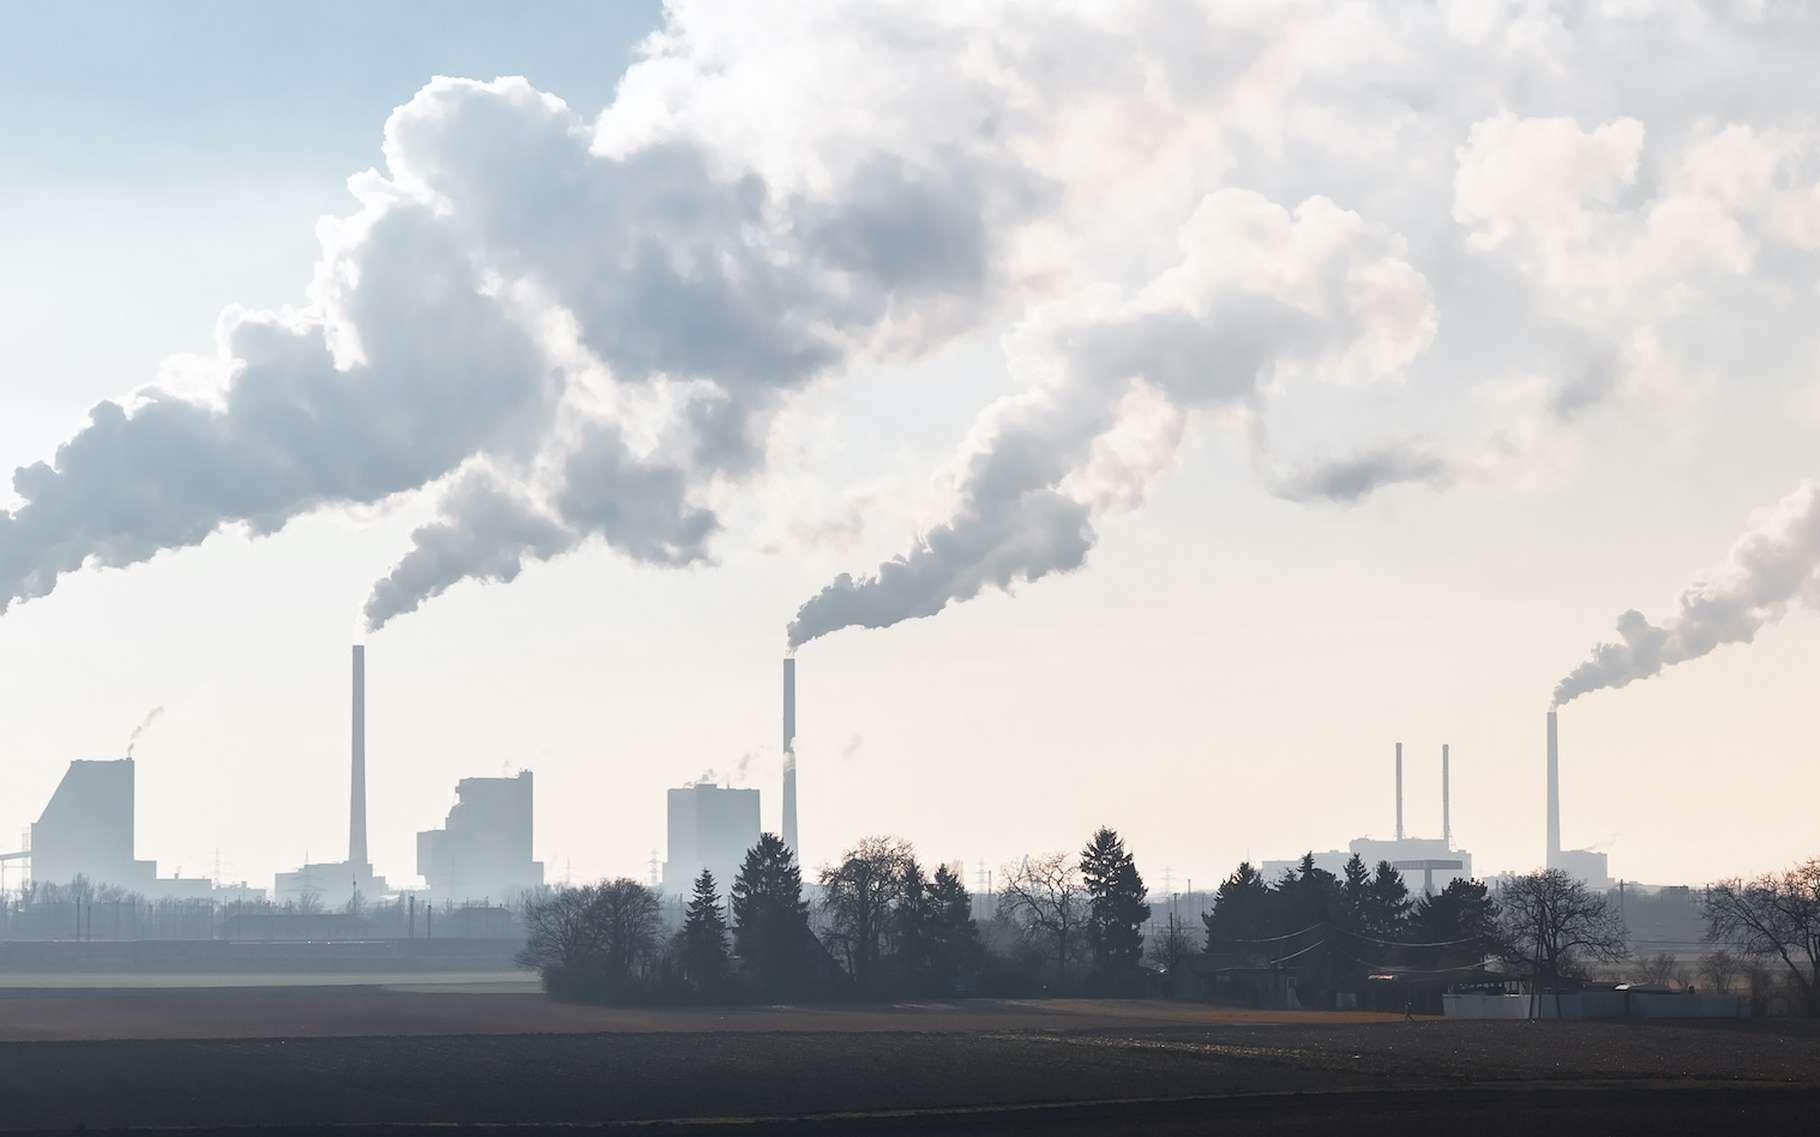 En 2021, nous pourrions dépasser le seuil emblématique de 50 % de CO2 de plus dans notre atmosphère qu'avant l'ère industrielle. © J.M. Image Factory, Adobe Stock